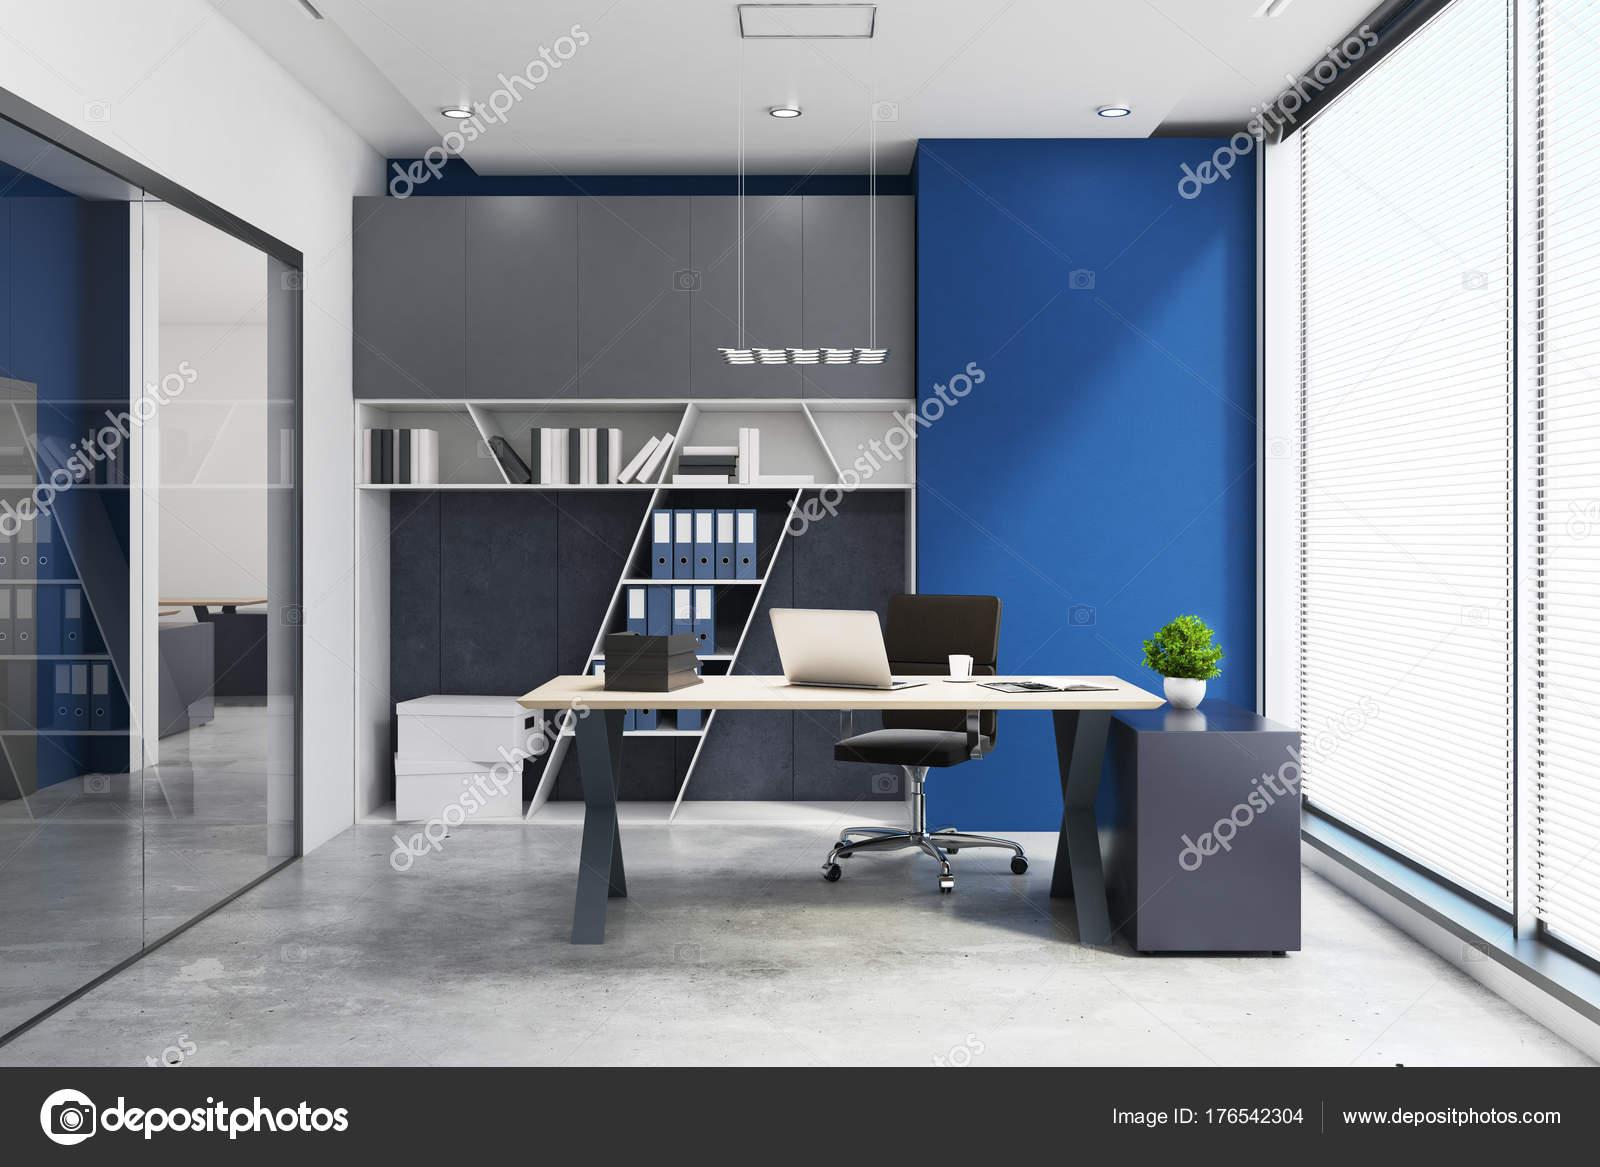 moderne Büro-Interieur — Stockfoto © peshkova #176542304